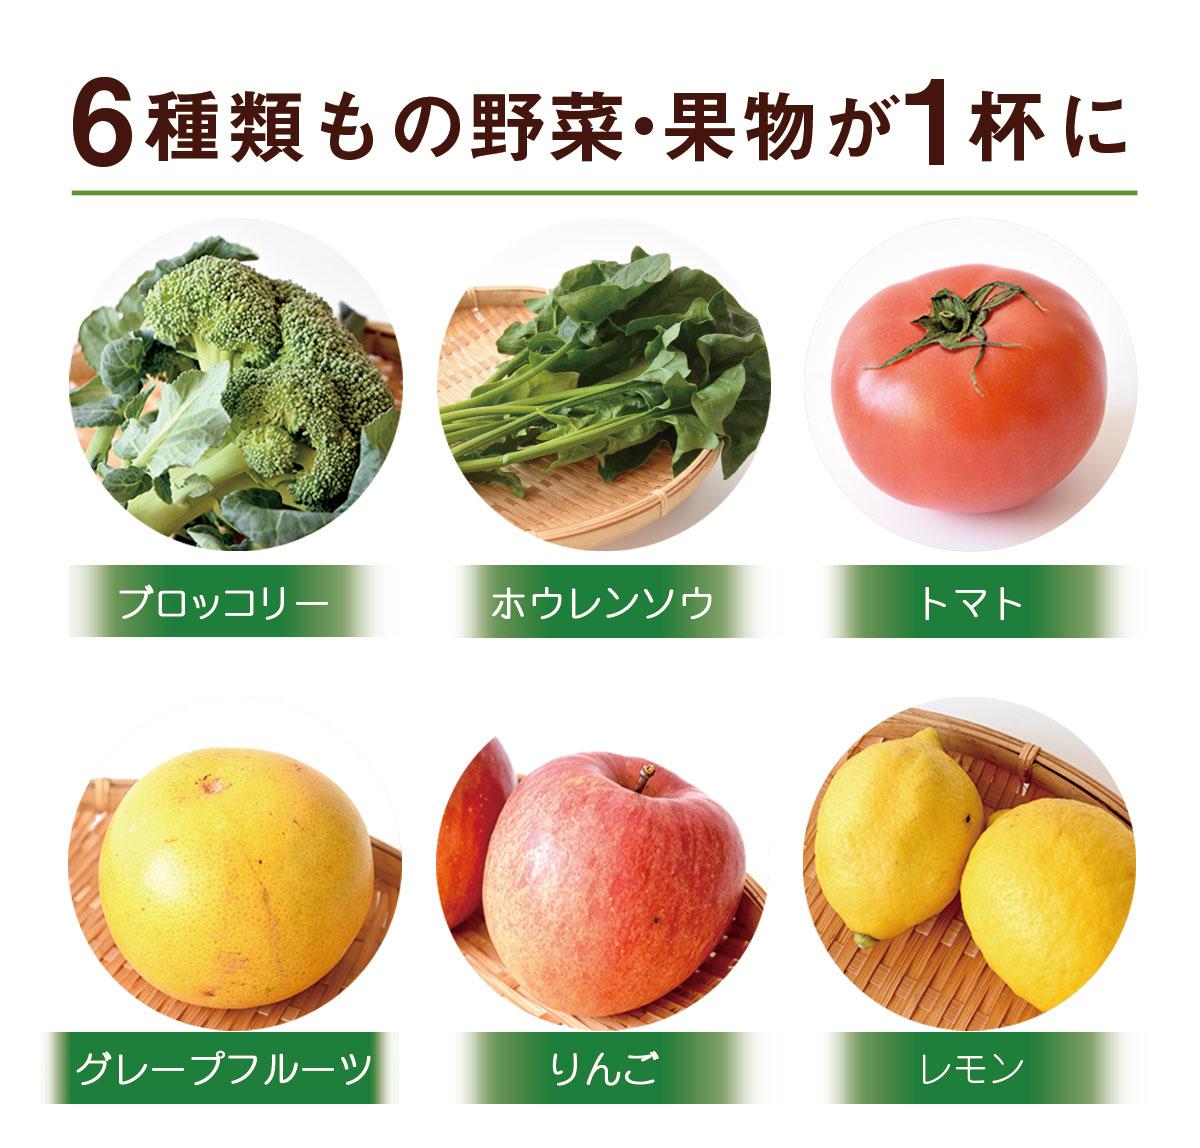 6種類もの野菜・果物が1杯に